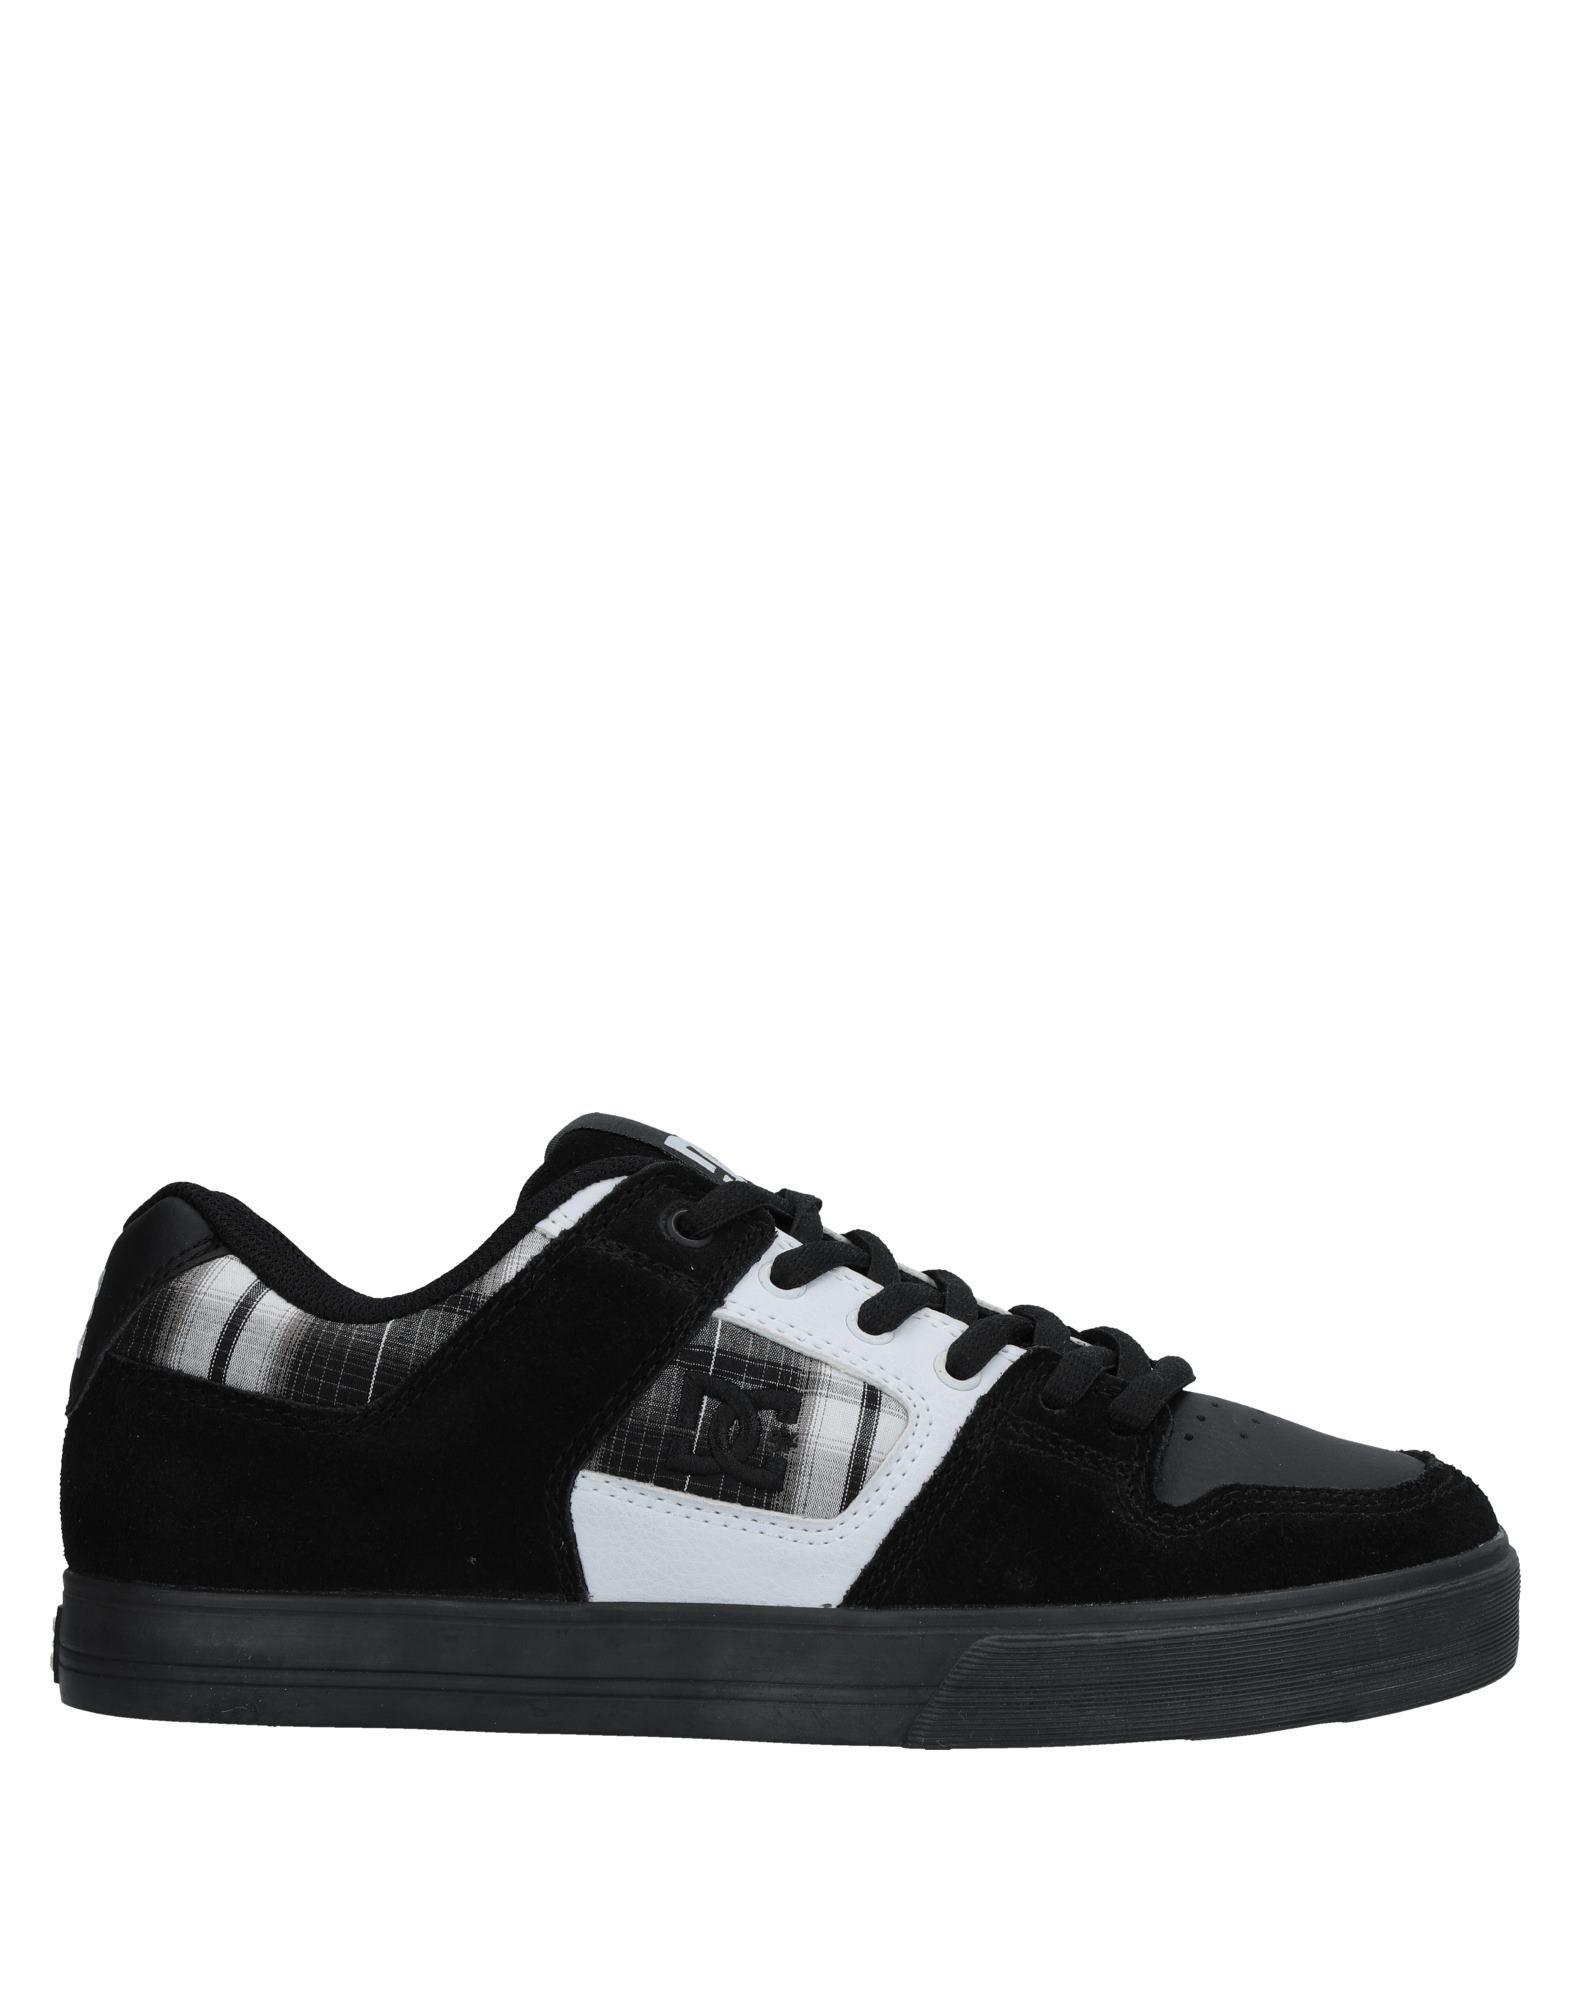 Sneakers Dc Shoecousa Uomo - 11523512GD